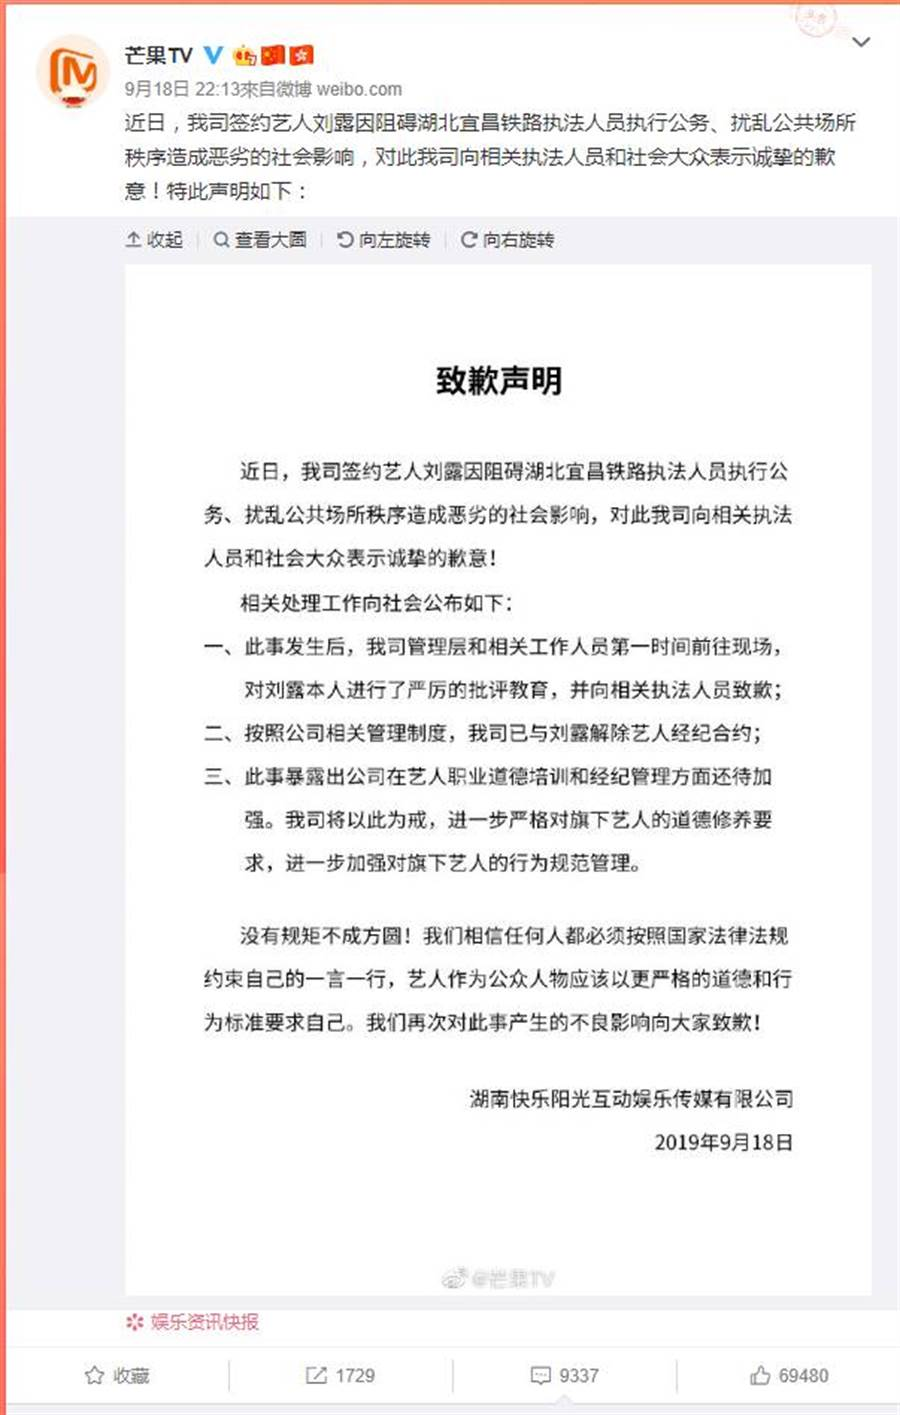 芒果TV微博全文。(圖/取材自芒果TV微博)